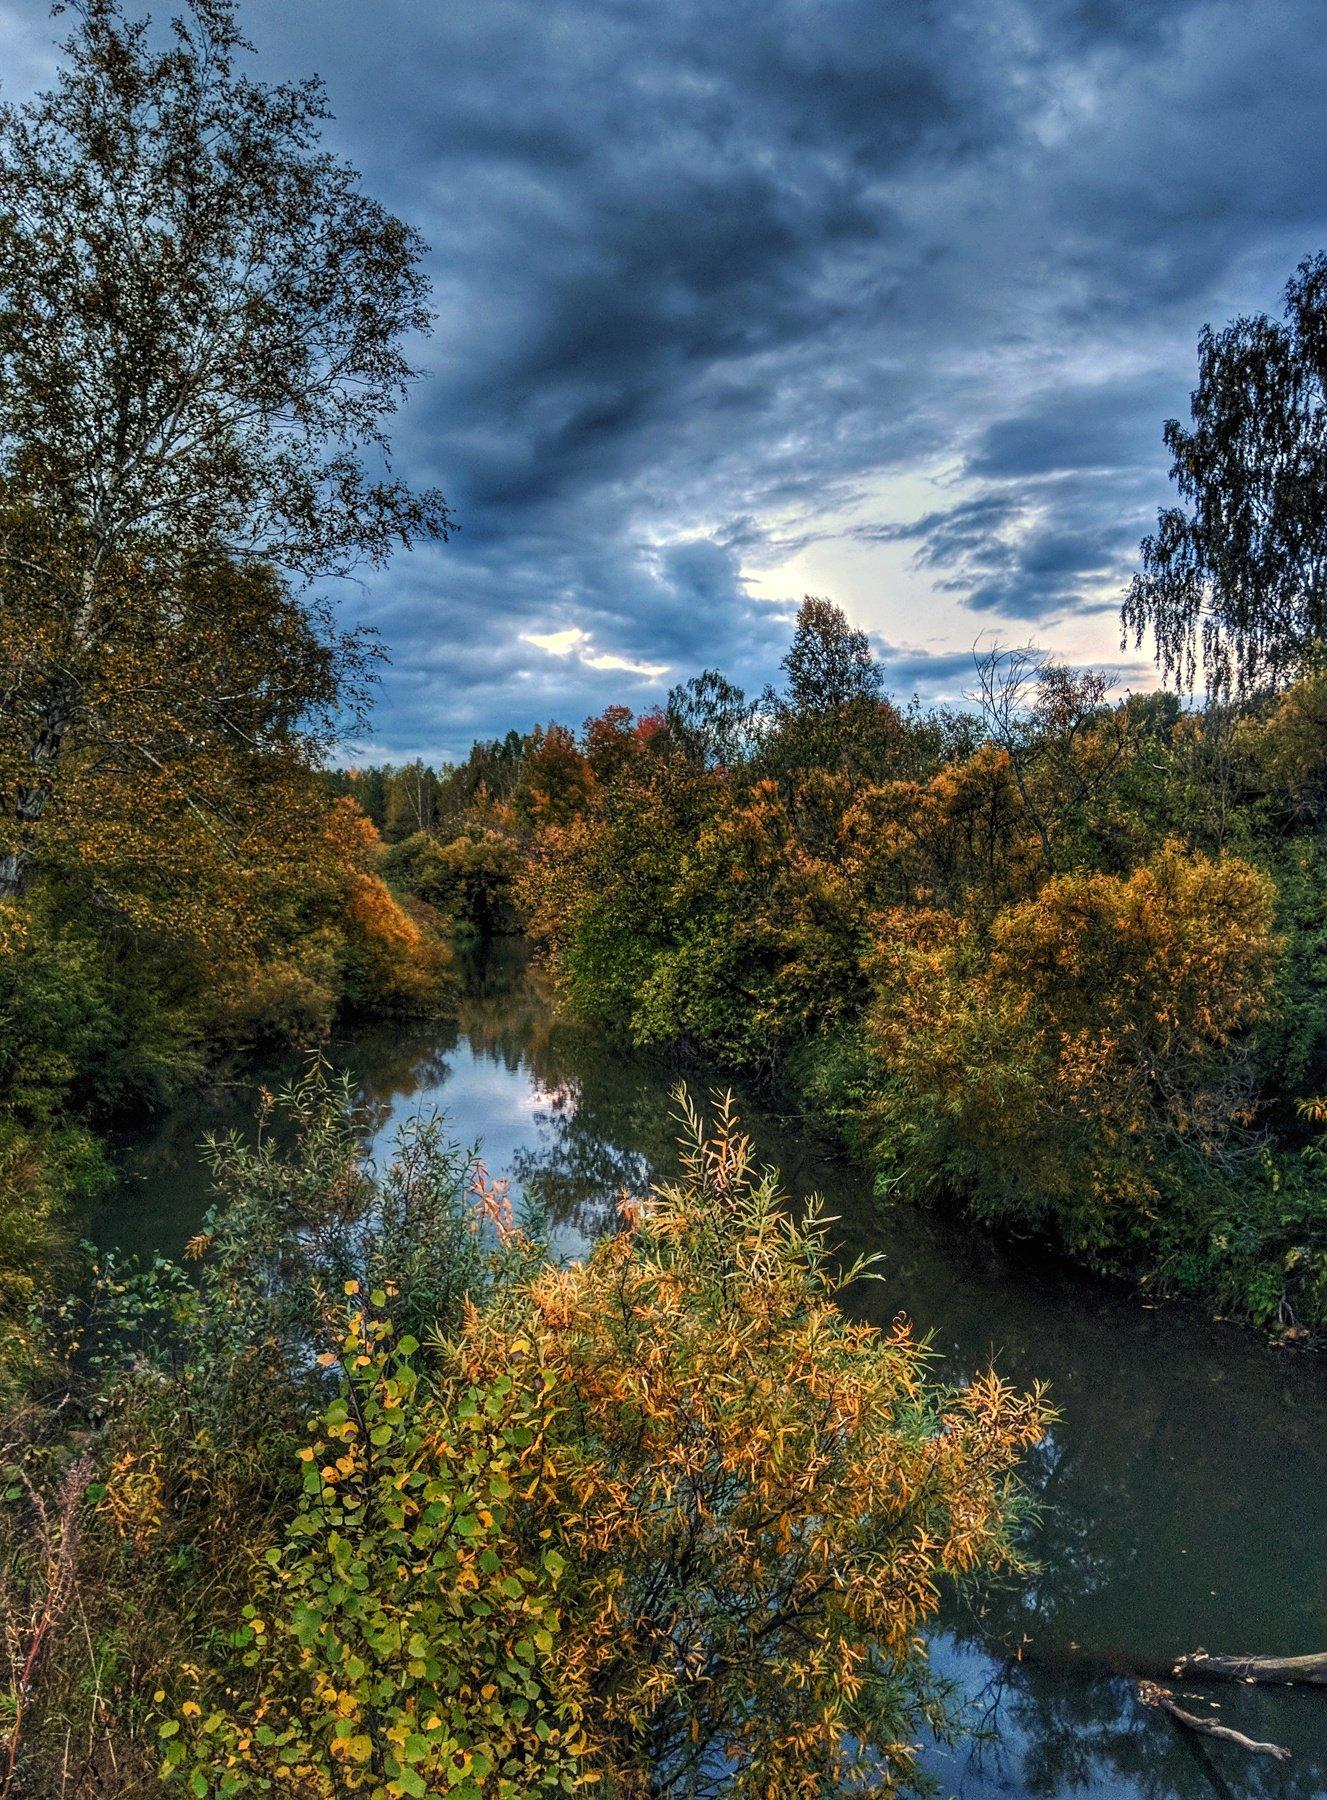 река, осень,сибирь, Цвелёв Дмитрий